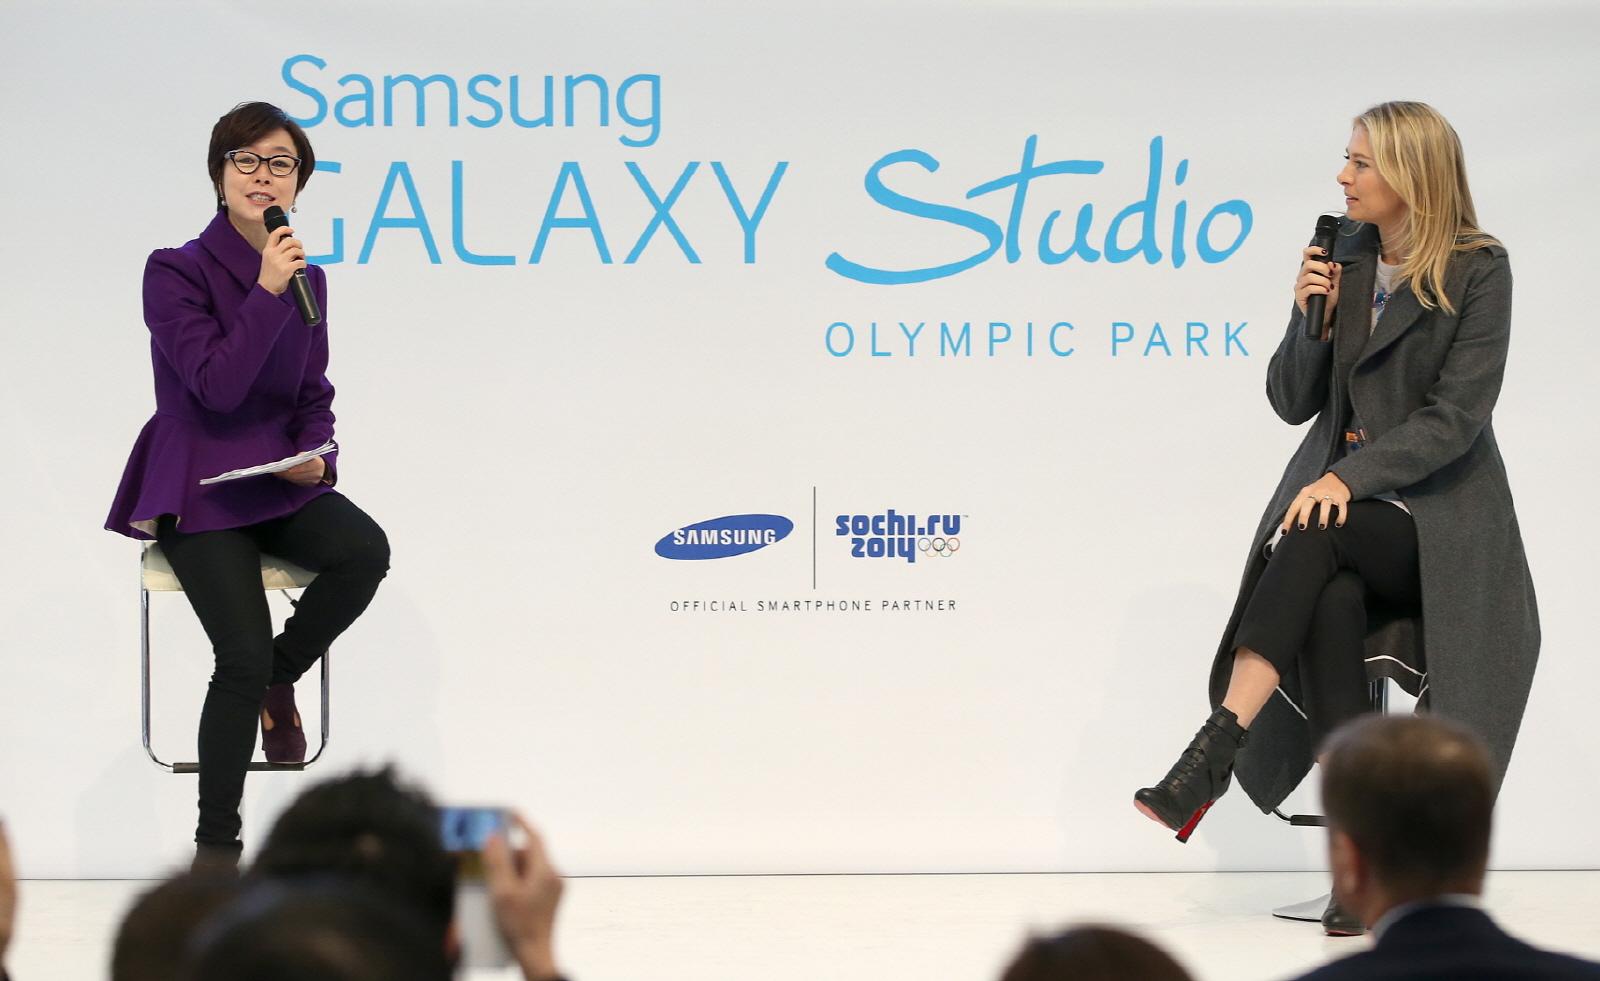 러시아 소치 올림픽 파크에서 열린 '갤럭시 올림픽 파크 스튜디오' 개관식에서 삼성전자 이영희 부사장과 삼성 소치 올림픽 홍보대사인 마리아 샤라포바가 삼성 스마트 올림픽 마케팅 캠페인과 이번 올림픽에 대한 기대감을 이야기하고 있다.